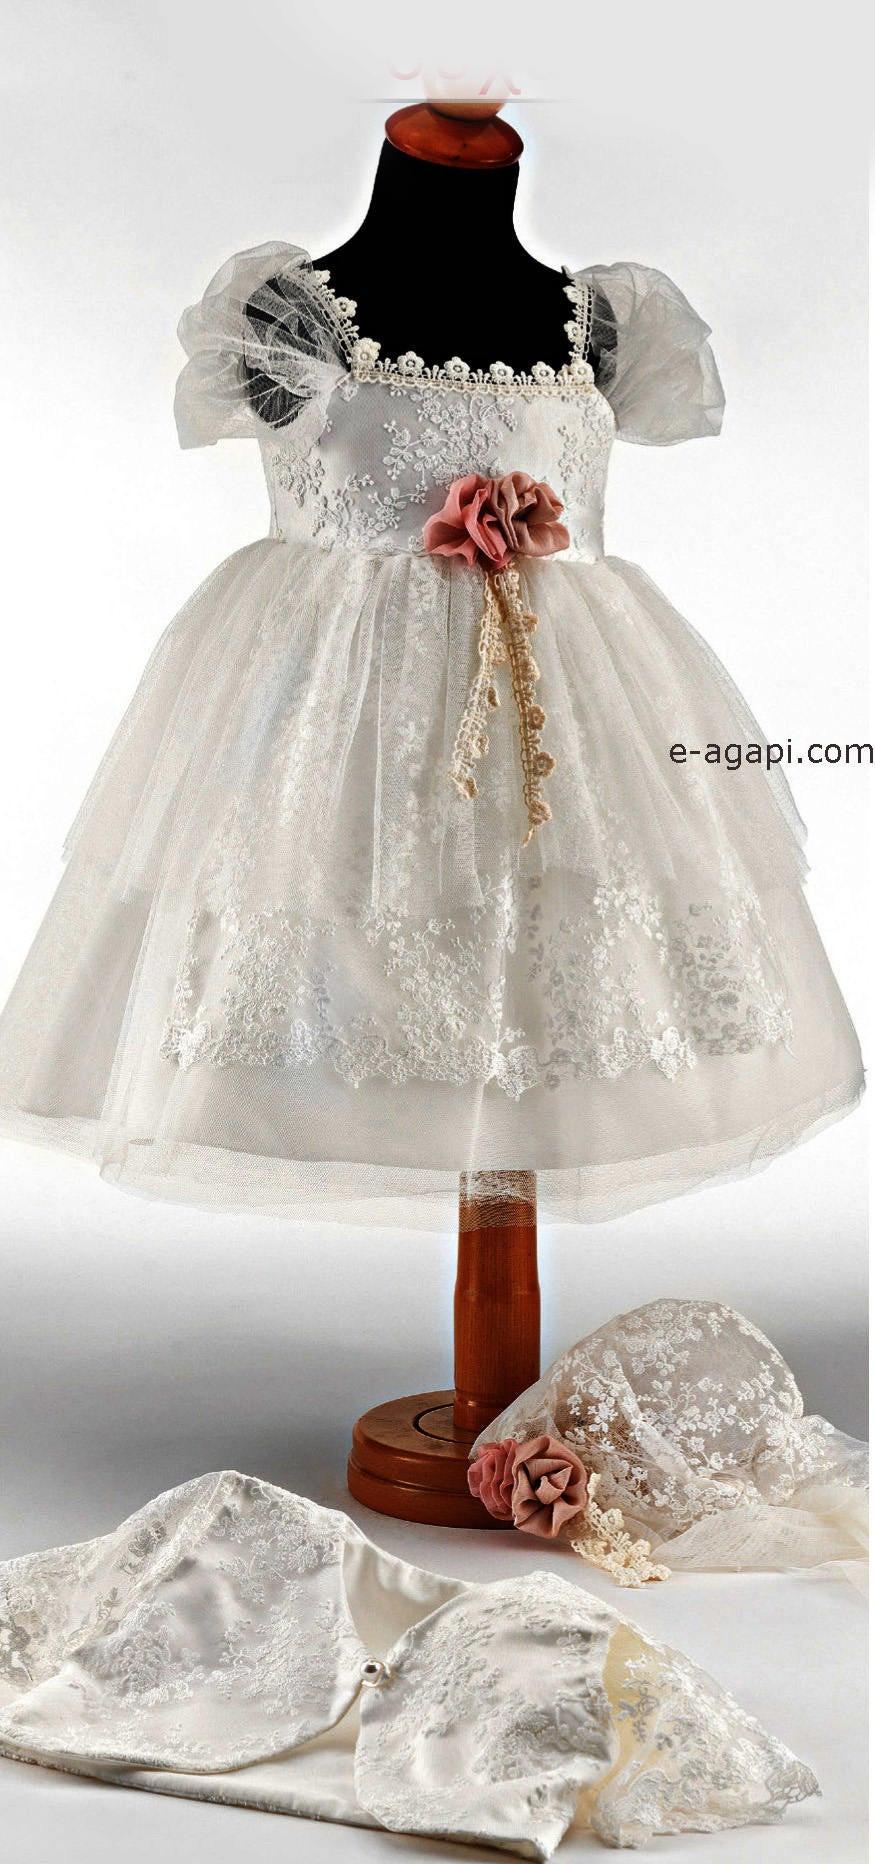 Baby Kleid Hochzeit  Baby Mädchen Hochzeit Kleid Outfit Schuhe Optionen weiß